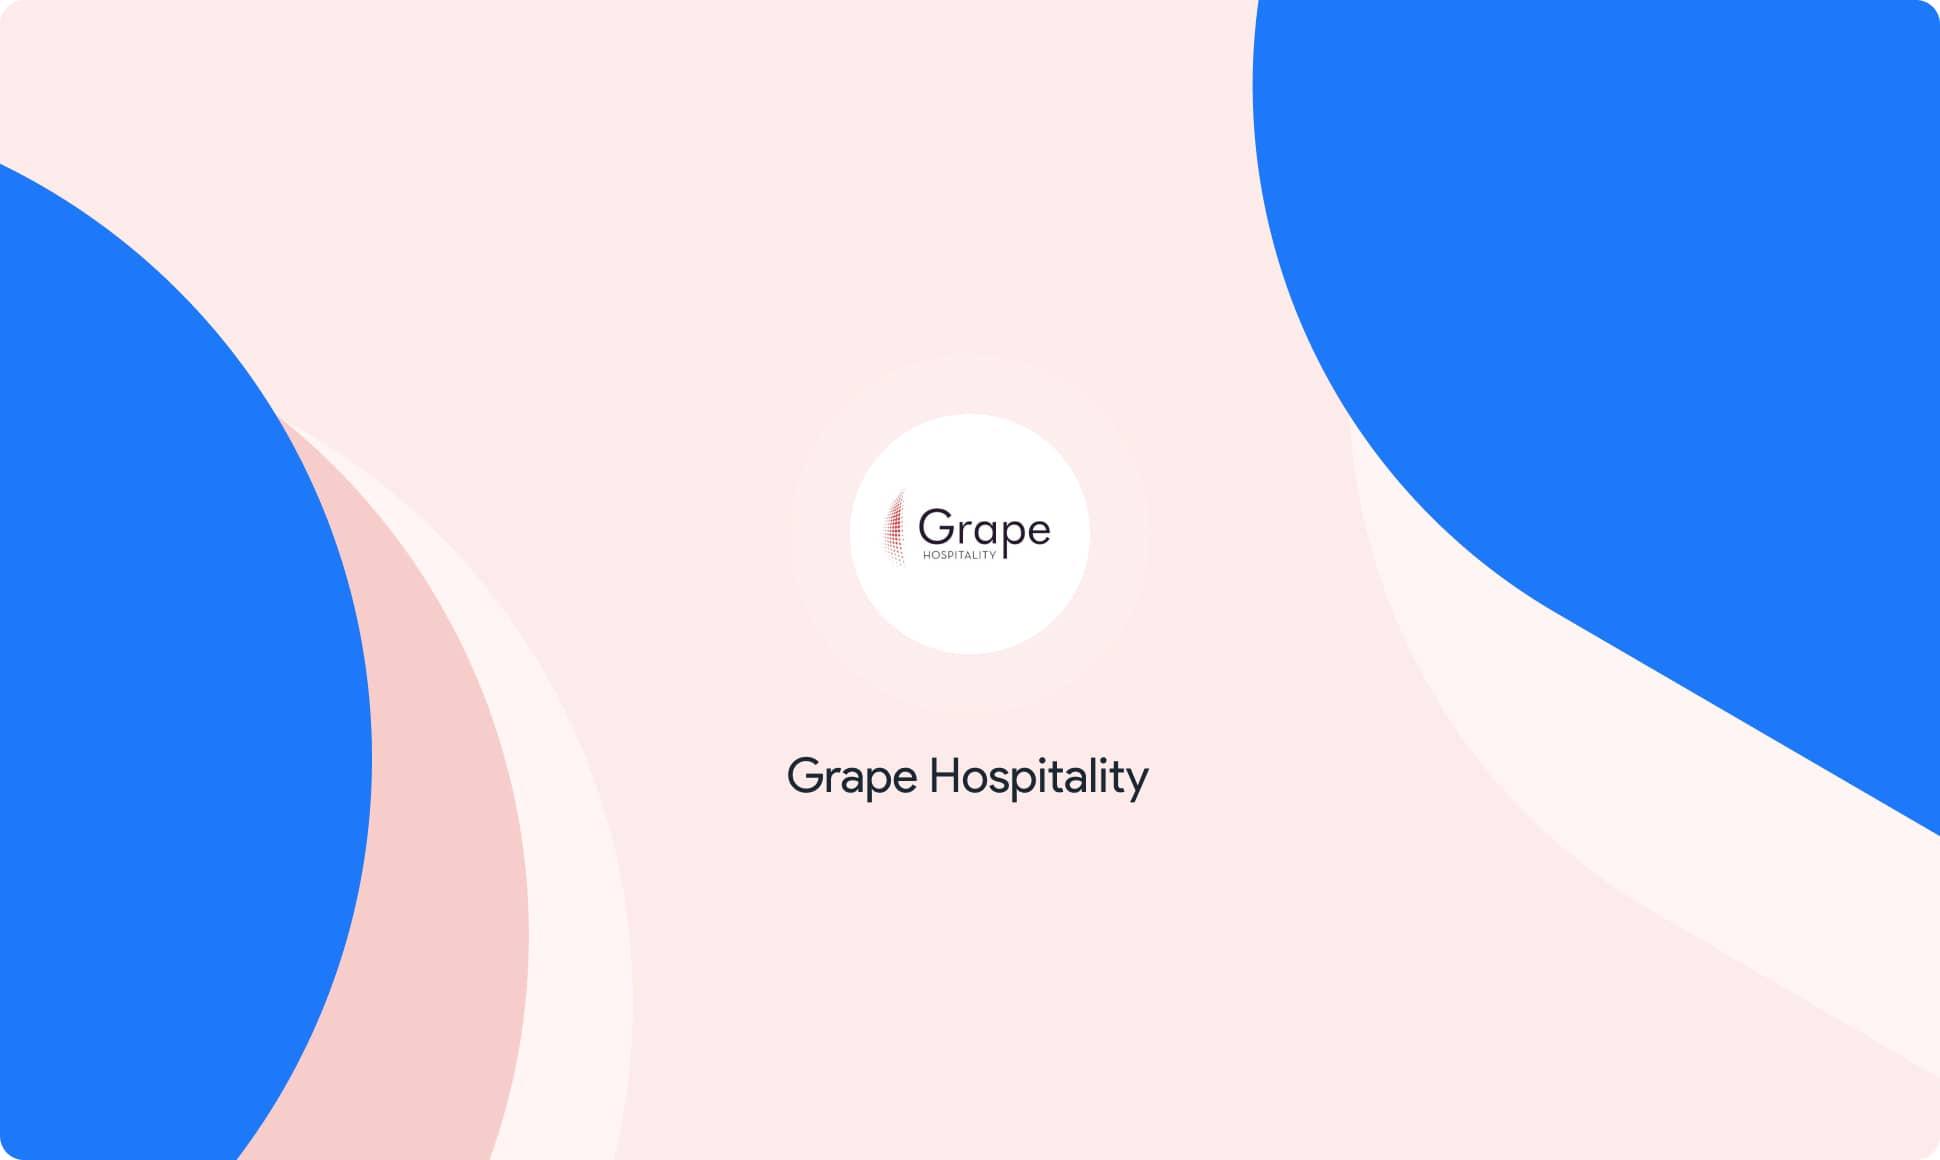 L'activité des hôteliers en confinement - éclairage de Grape Hospitality